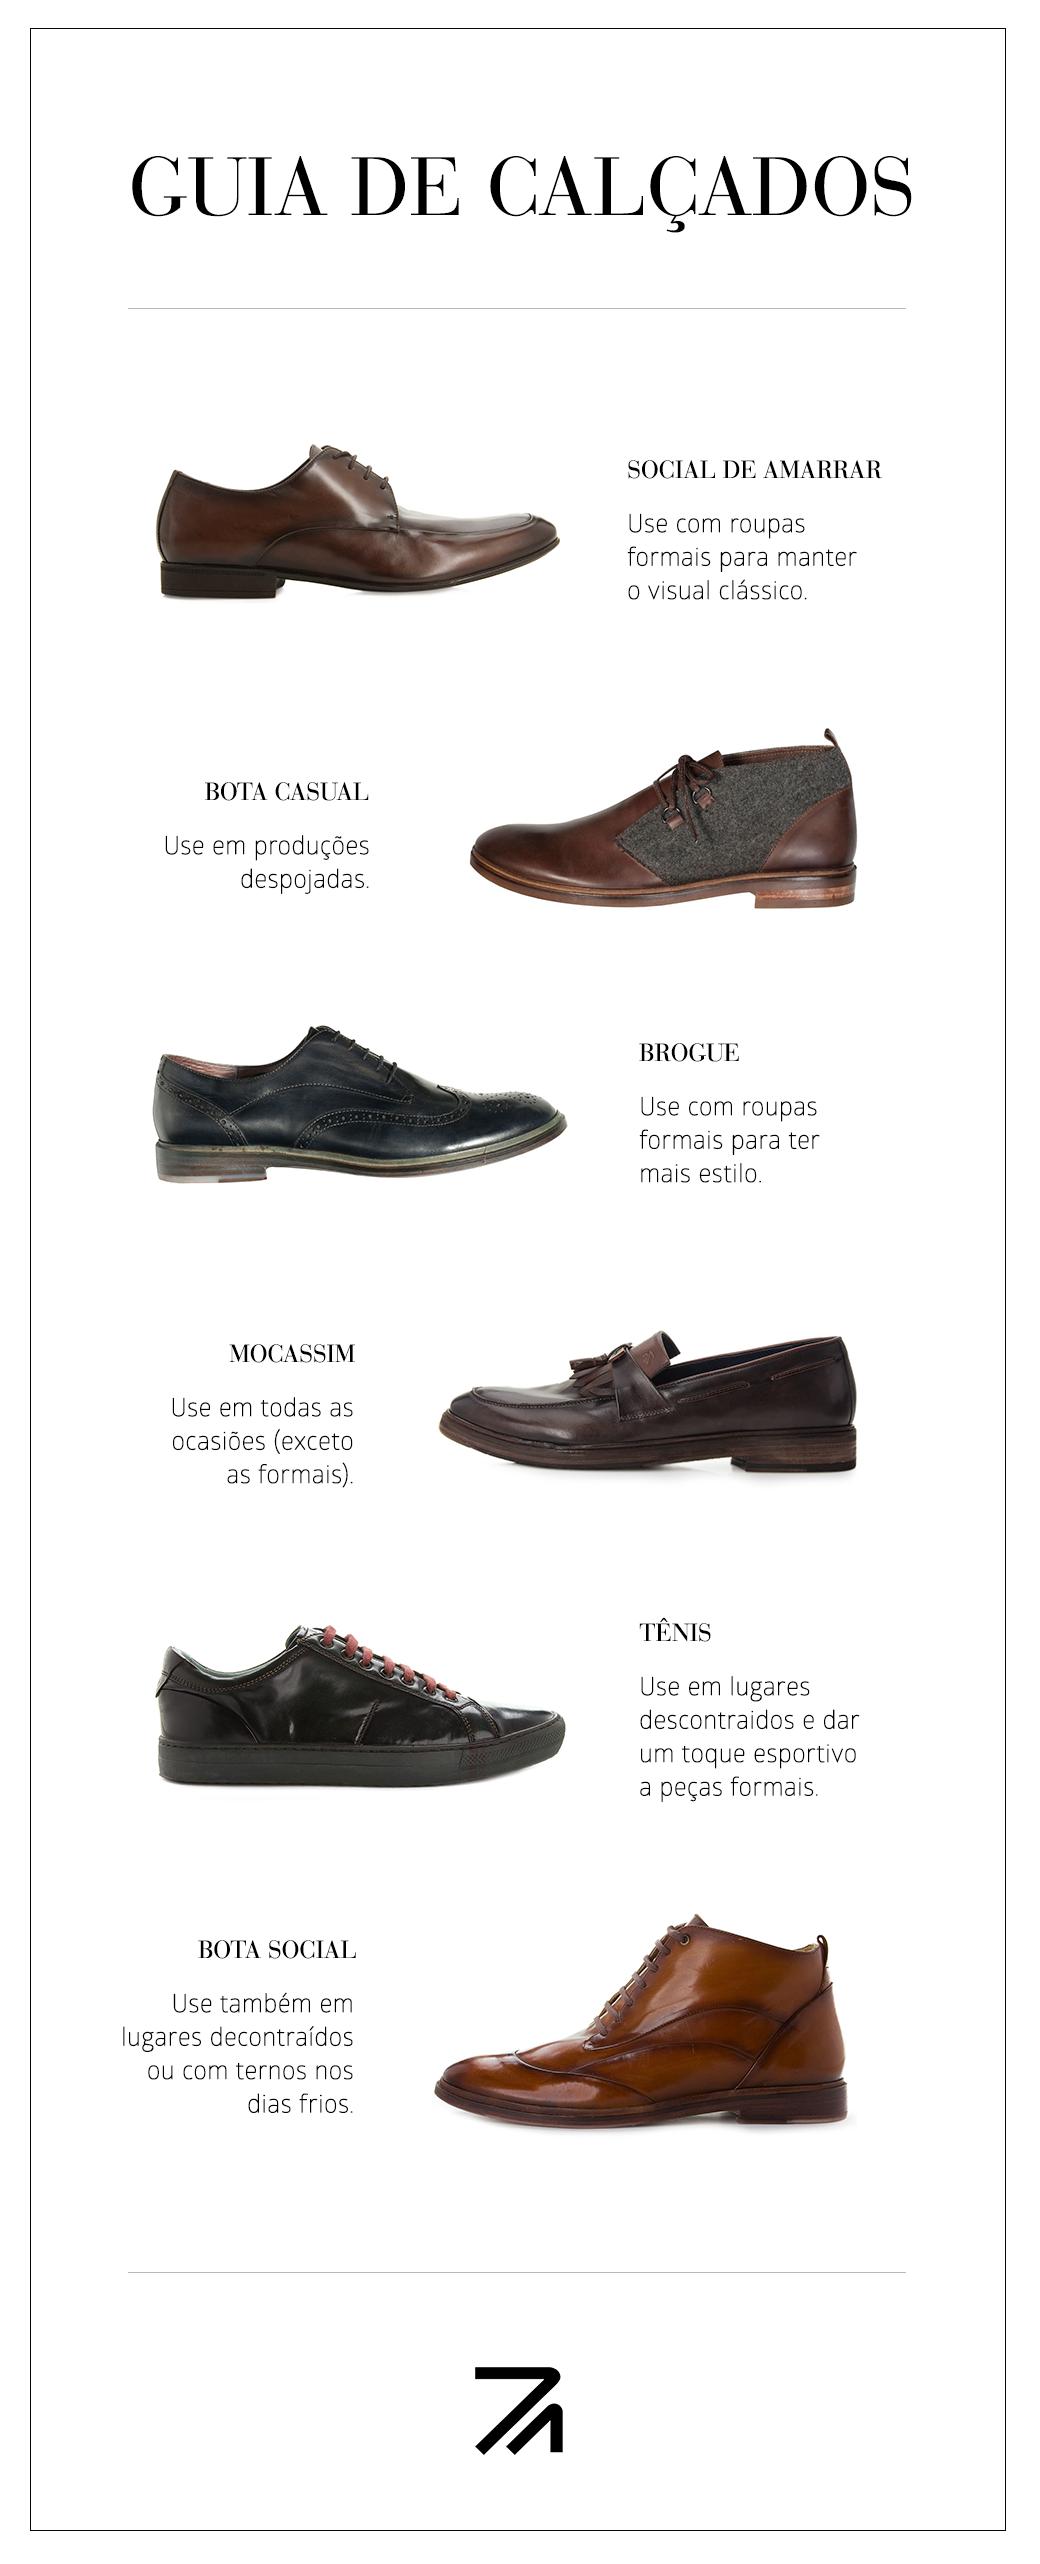 efac6b696c Guia de Calçados Ricardo Almeida 2015 - Ricardo Almeida Shoe Guide 2015 -  http